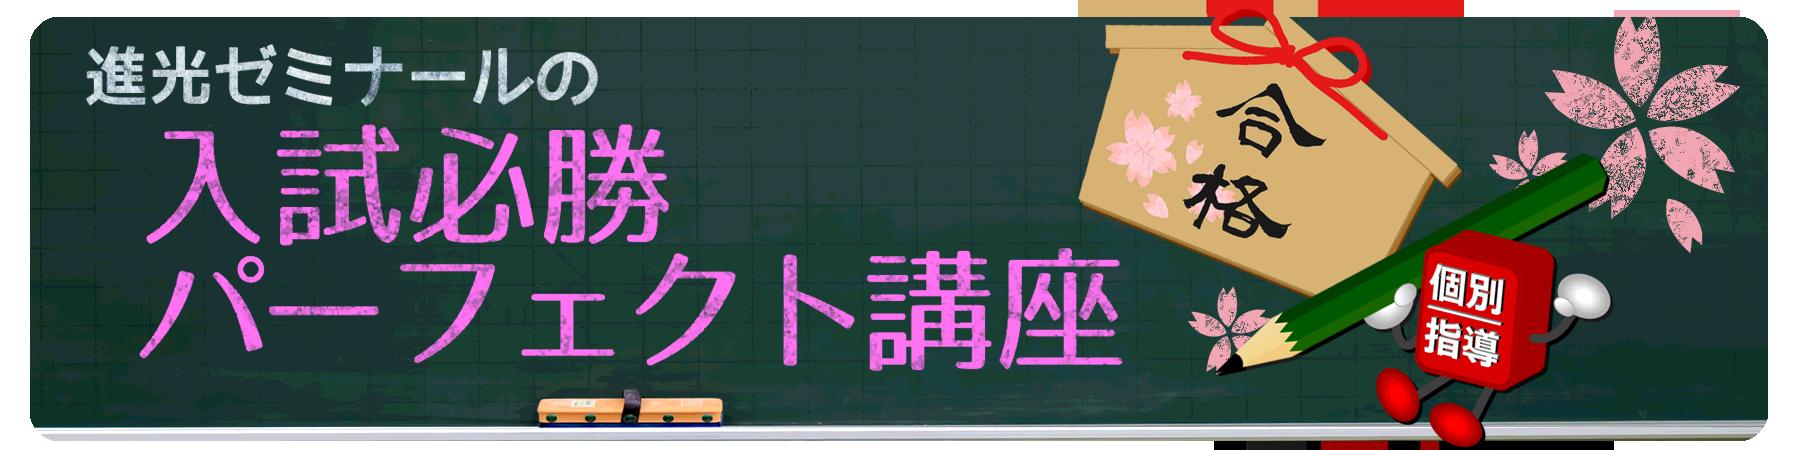 入試必勝パーフェクト講座2019